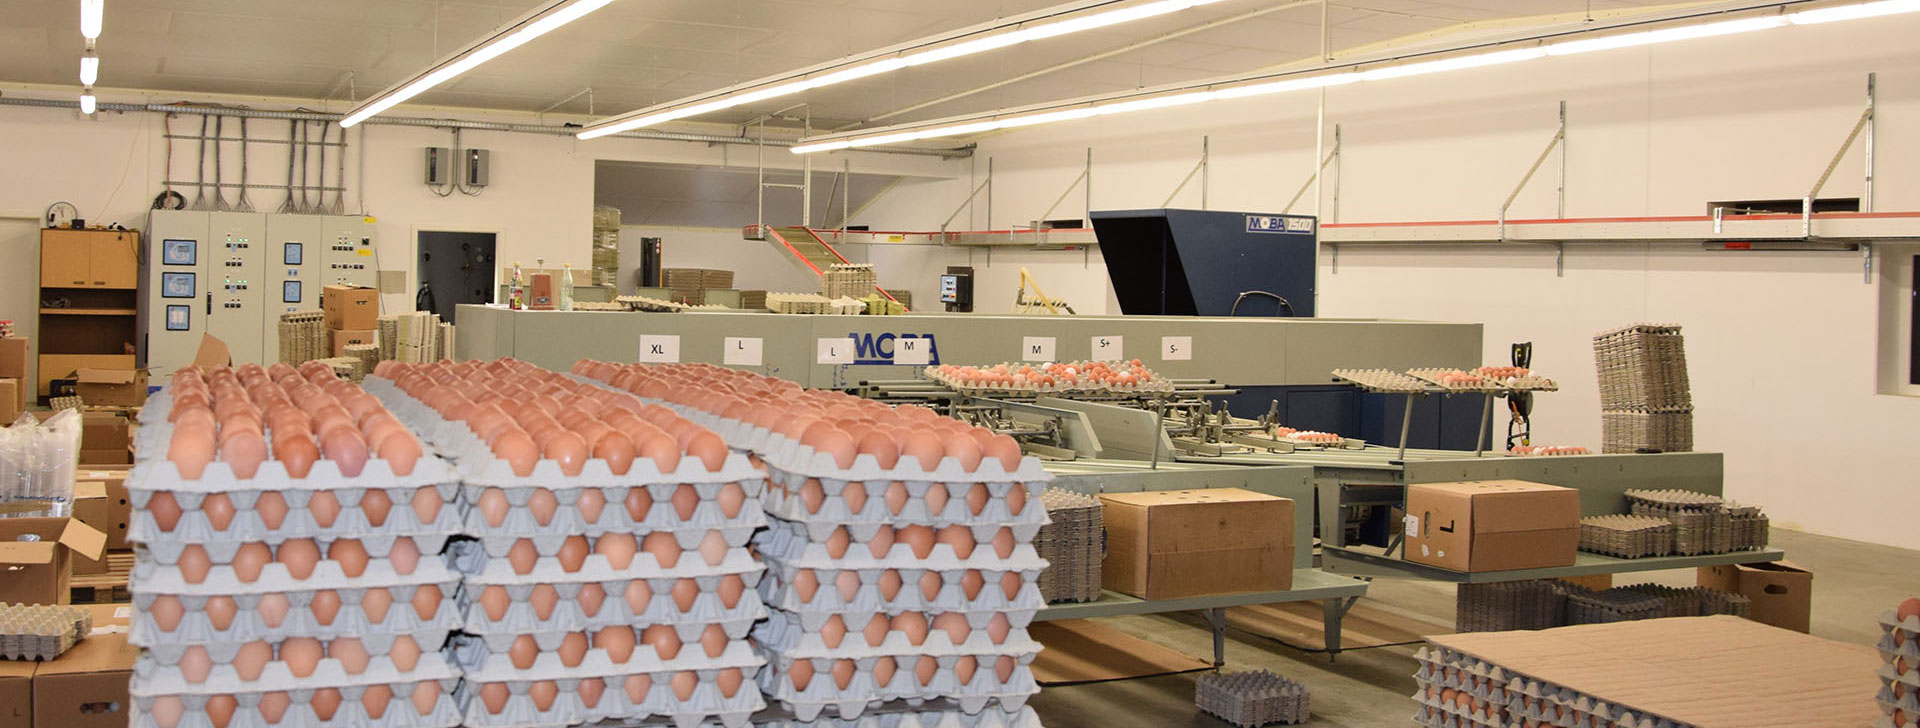 Verpackungsanlage für Eier